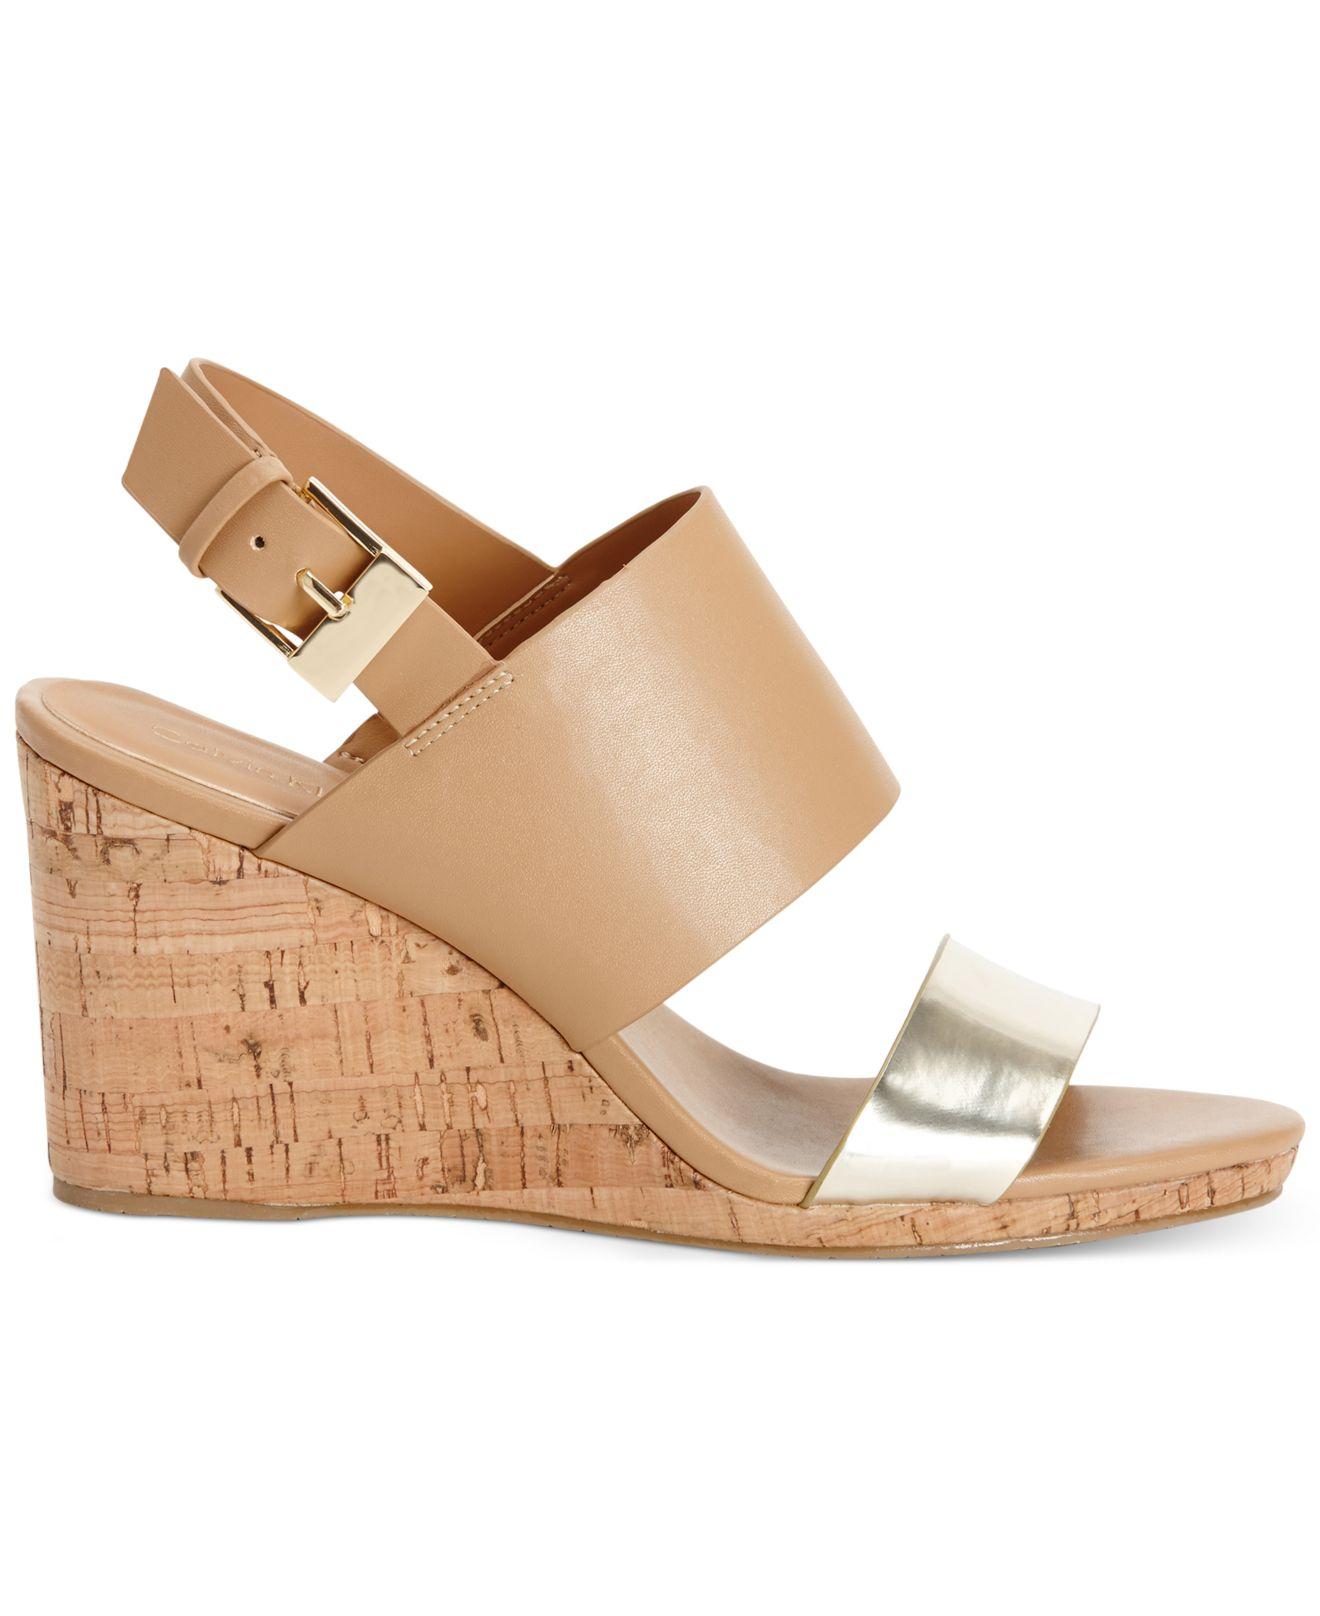 a854d76580 Calvin Klein Womens Shoes At Macys   Kuenzi Turf & Nursery